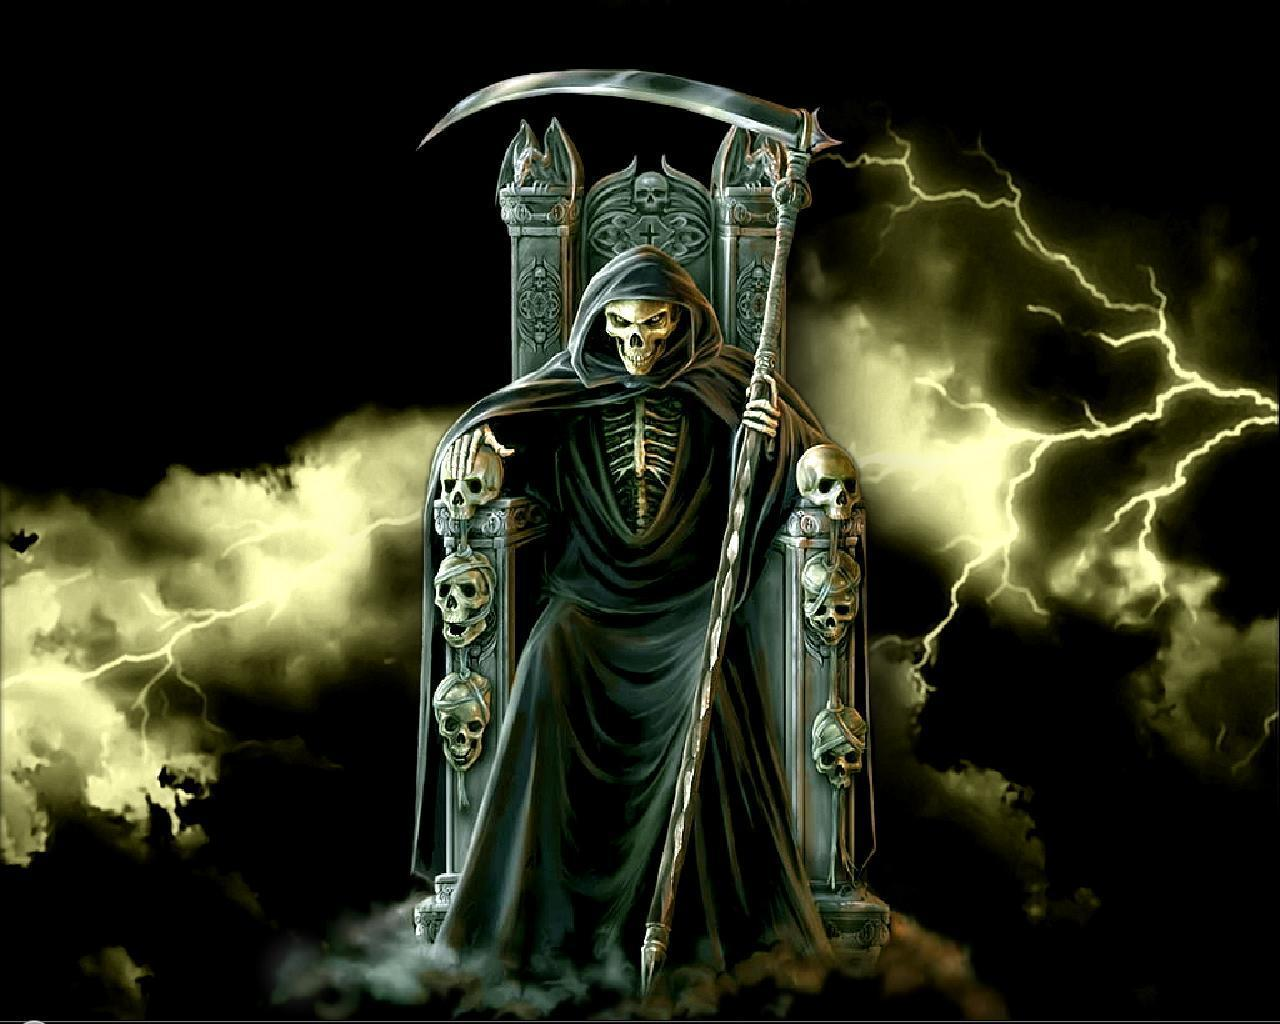 the grim reaper Grim Reaper